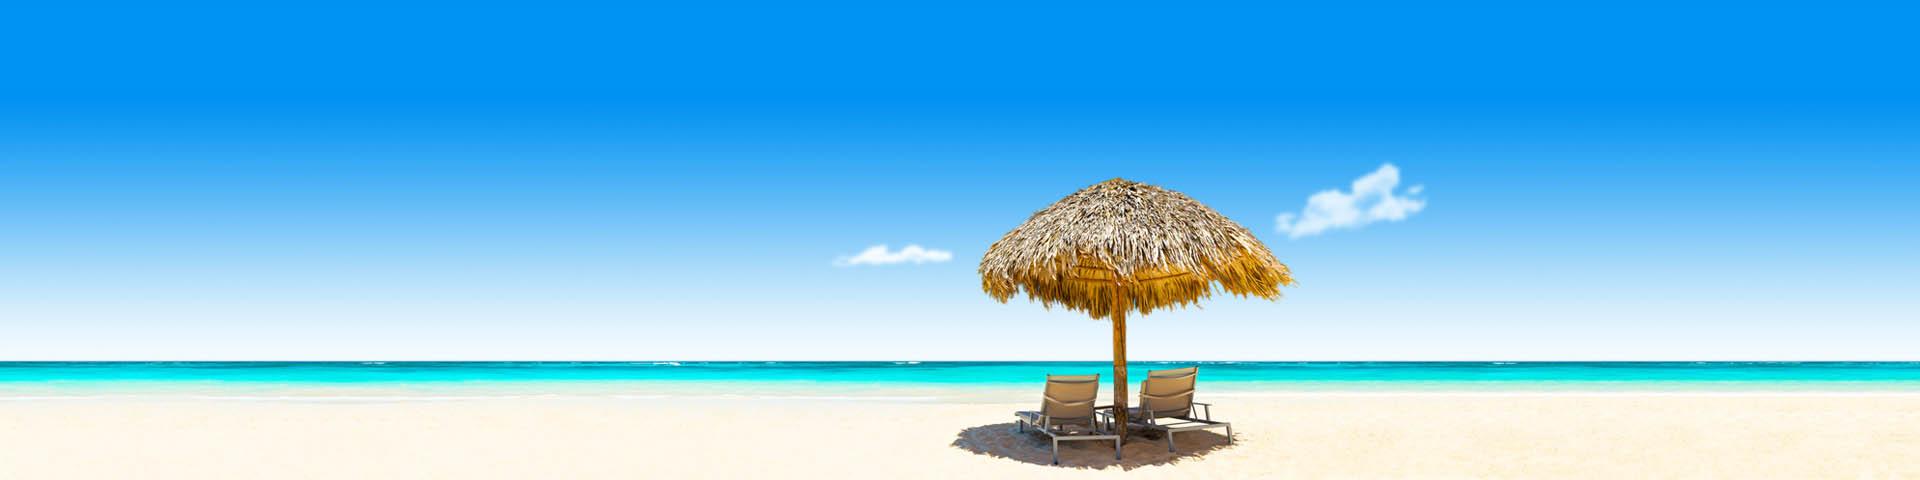 Ligbedjes met parasol op een wit zandstrand met blauwe zee